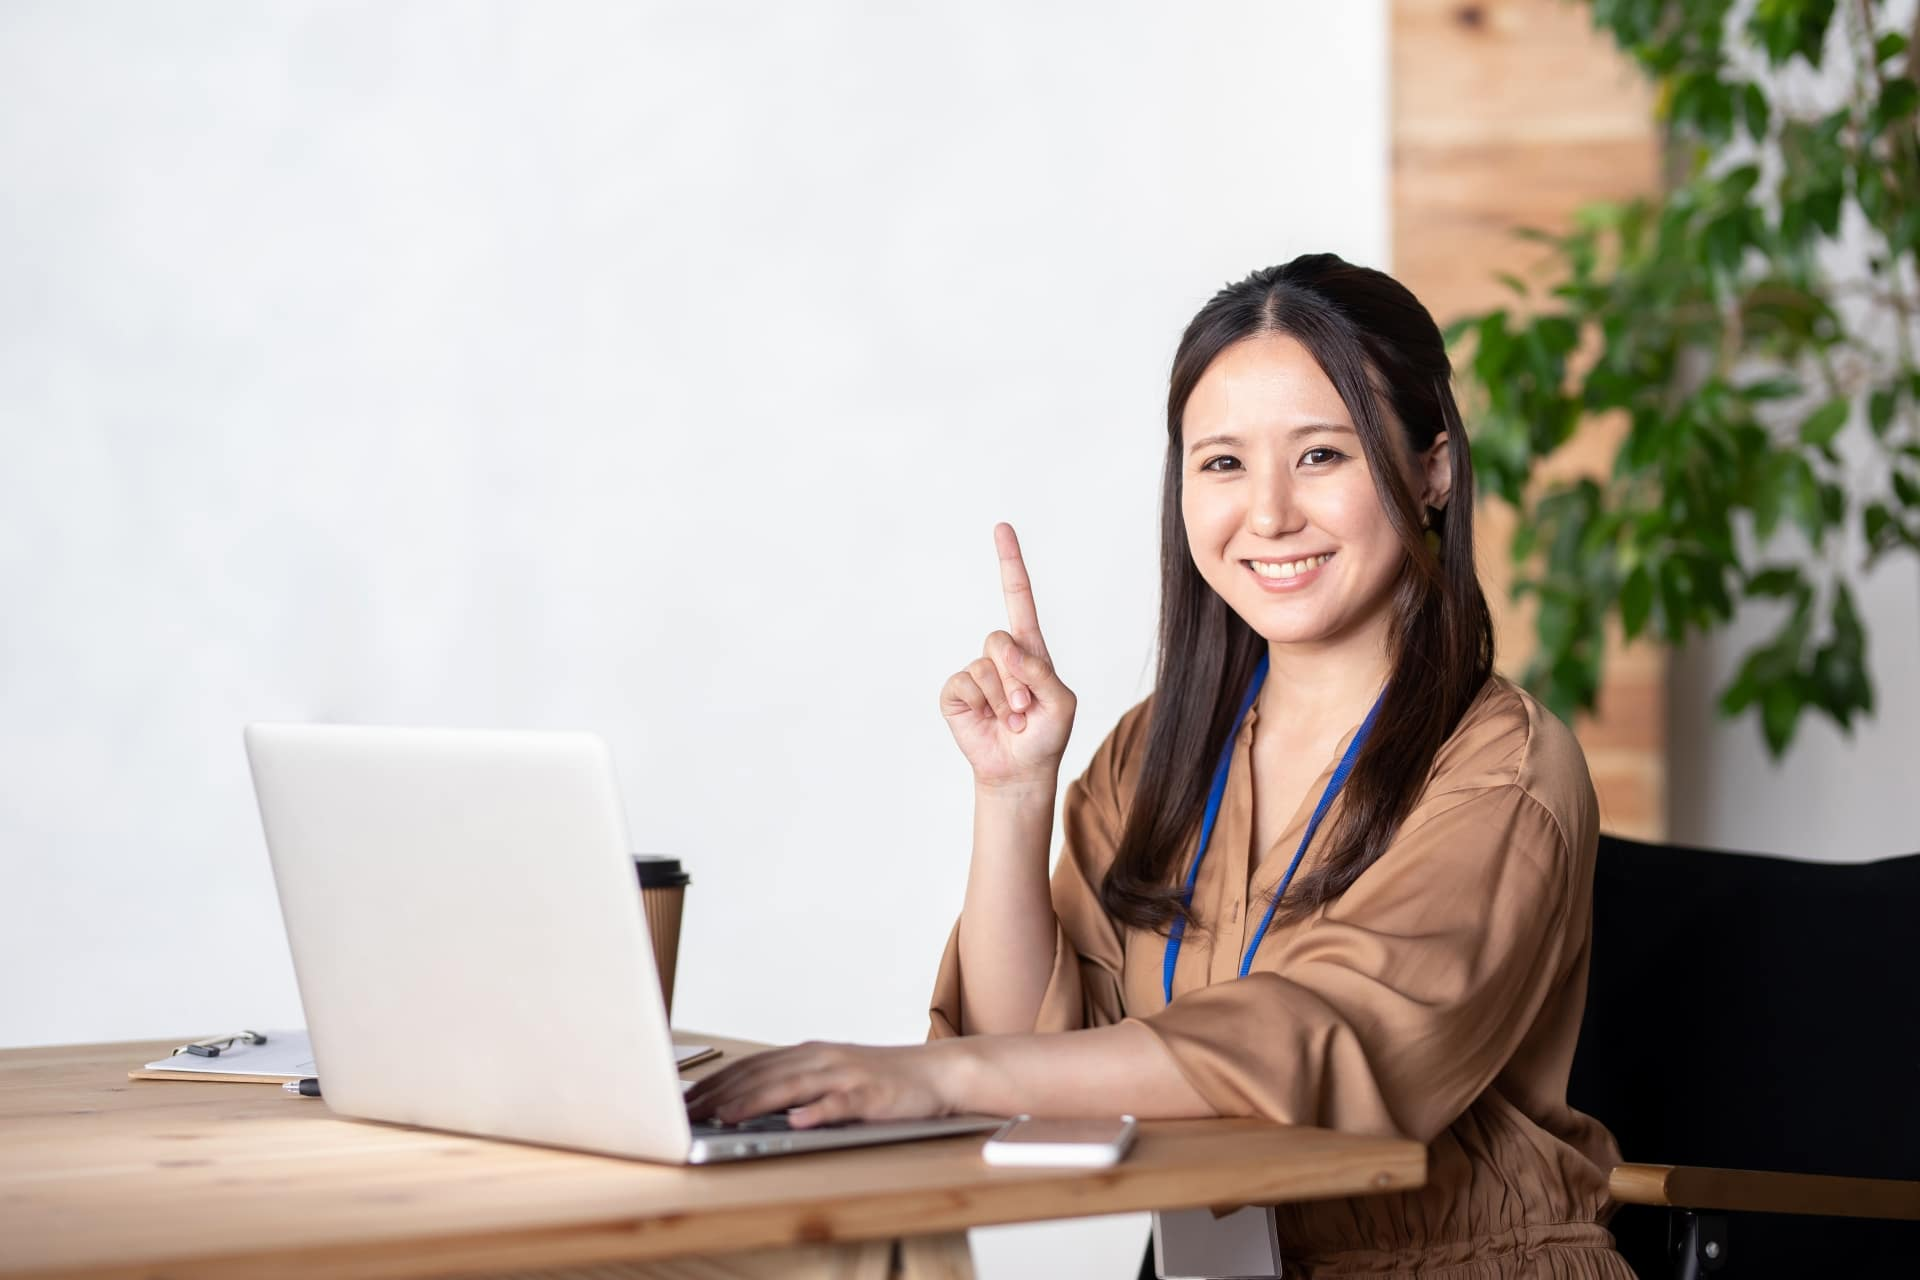 パソコンをいじる女性